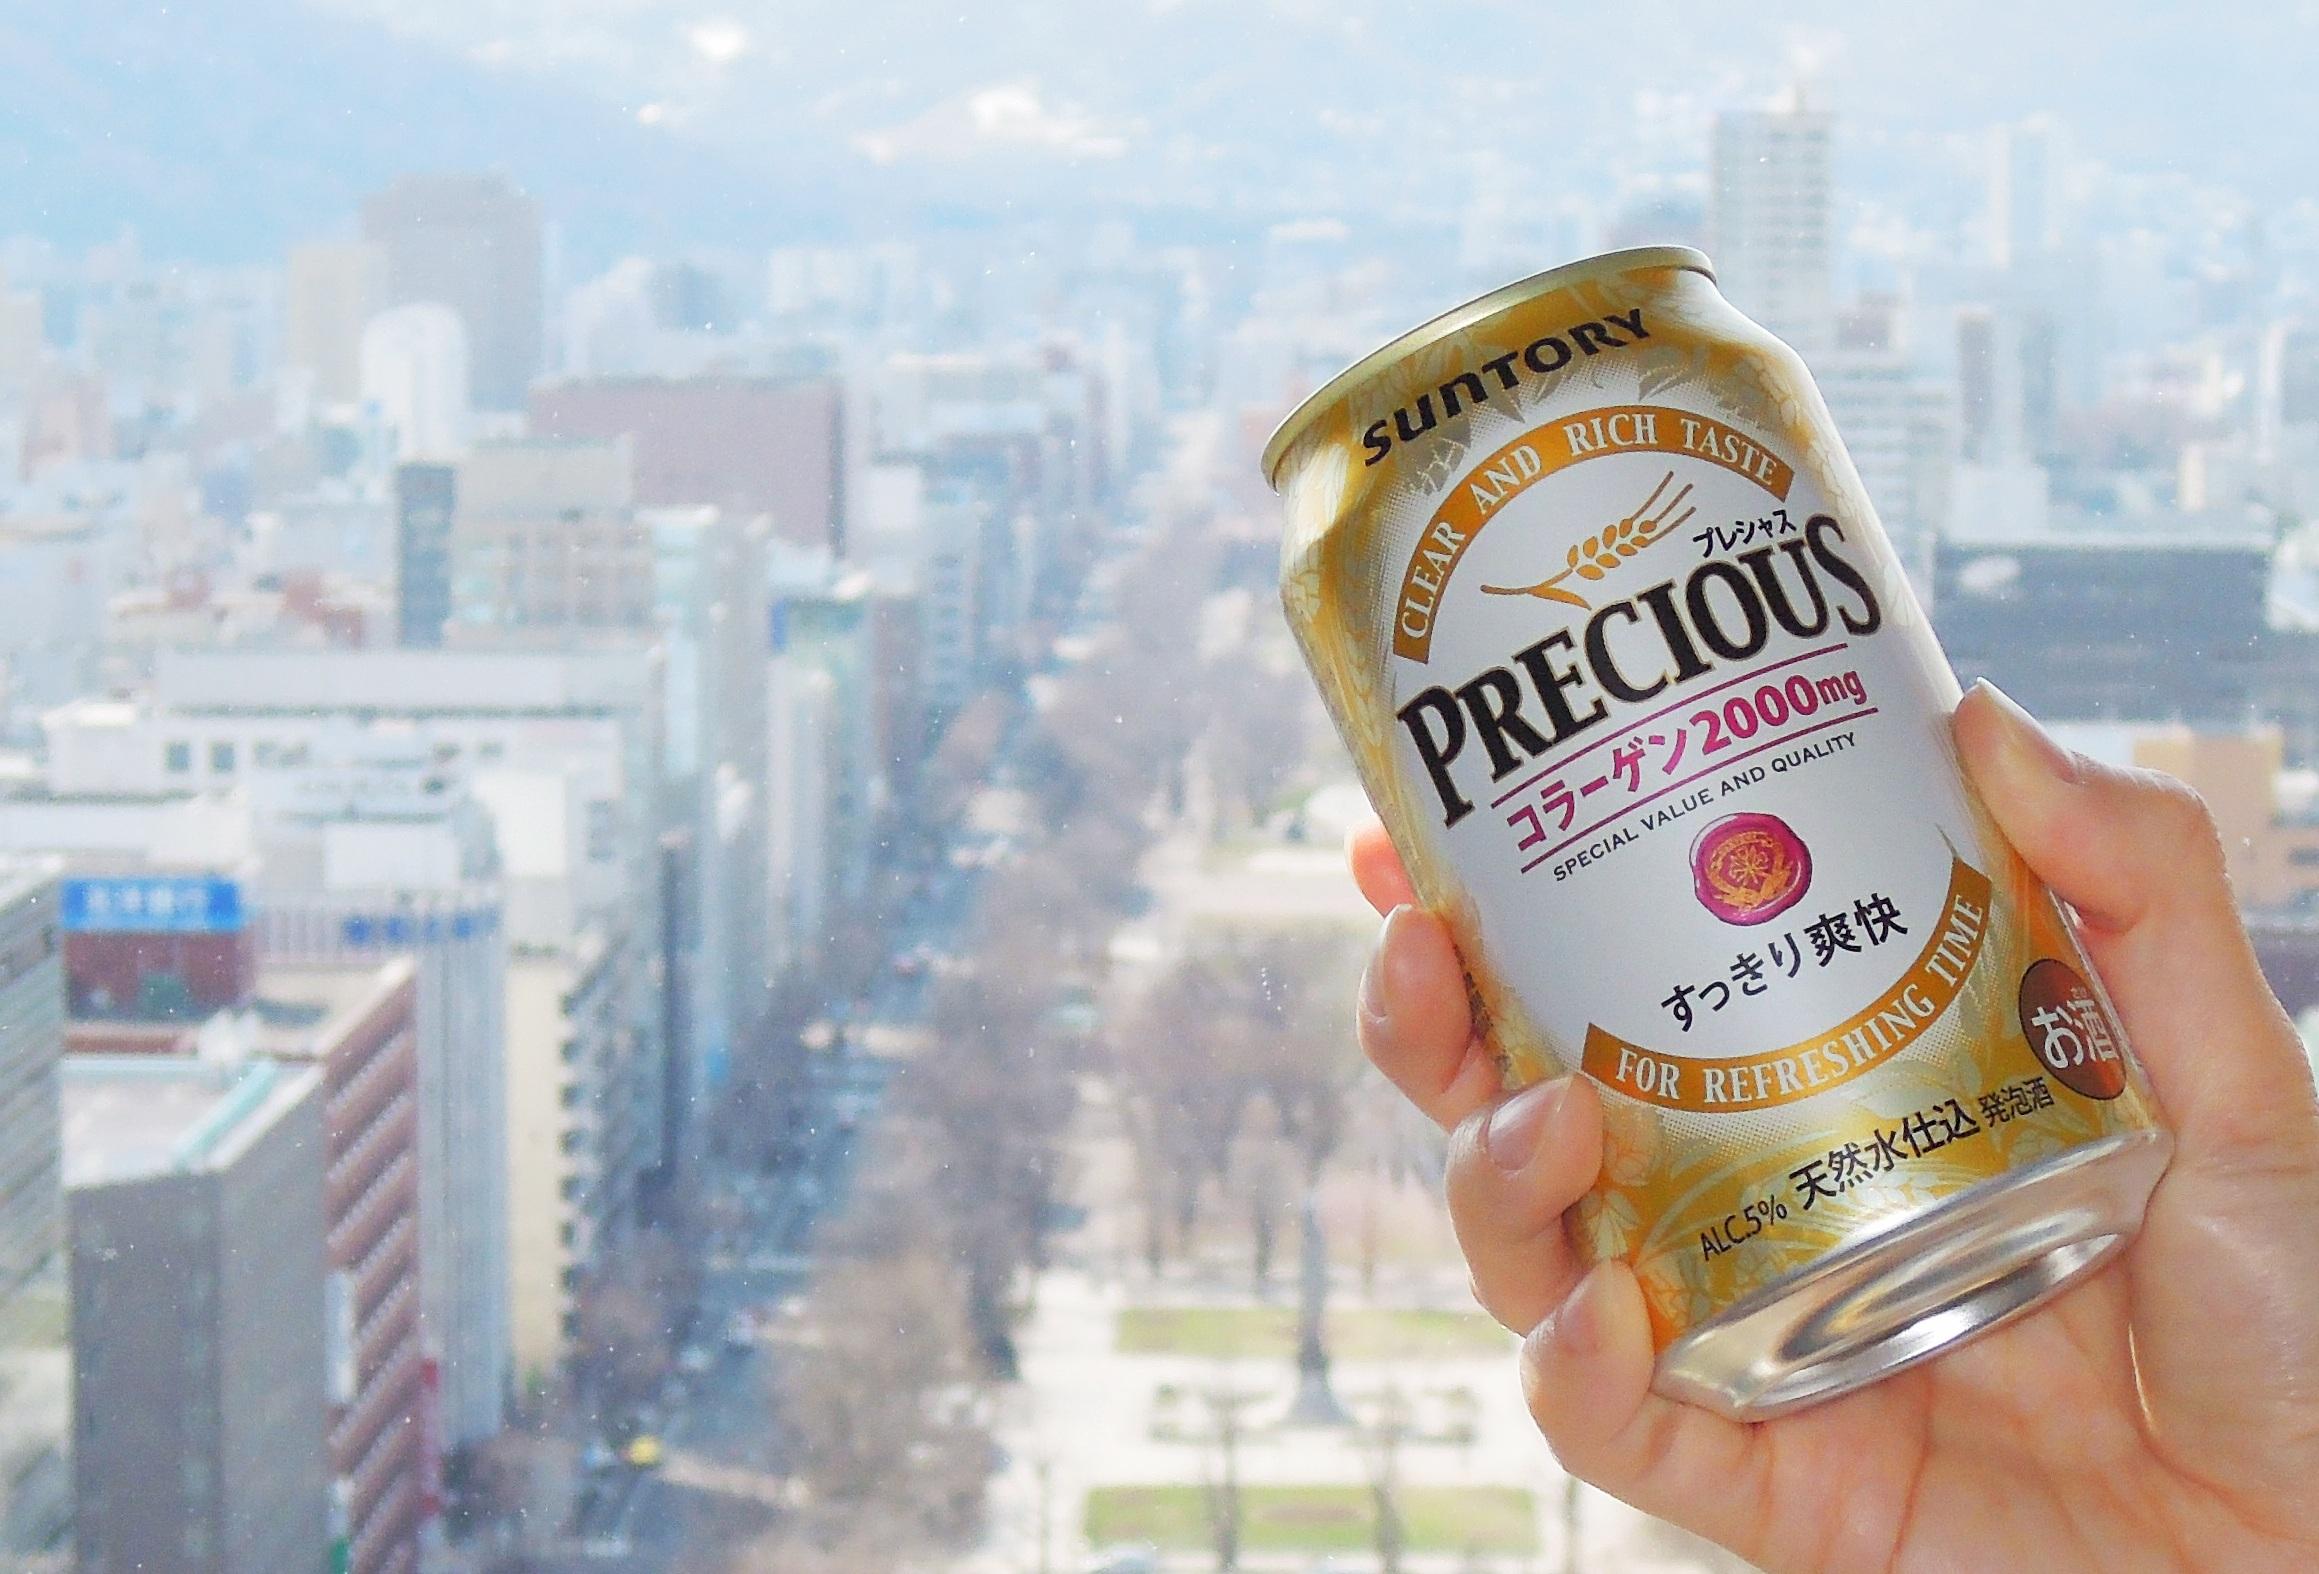 【北海道限定!】女性にうれしい(8分音符)コラーゲン入りの発泡酒「プレシャス」4名様にプレゼント